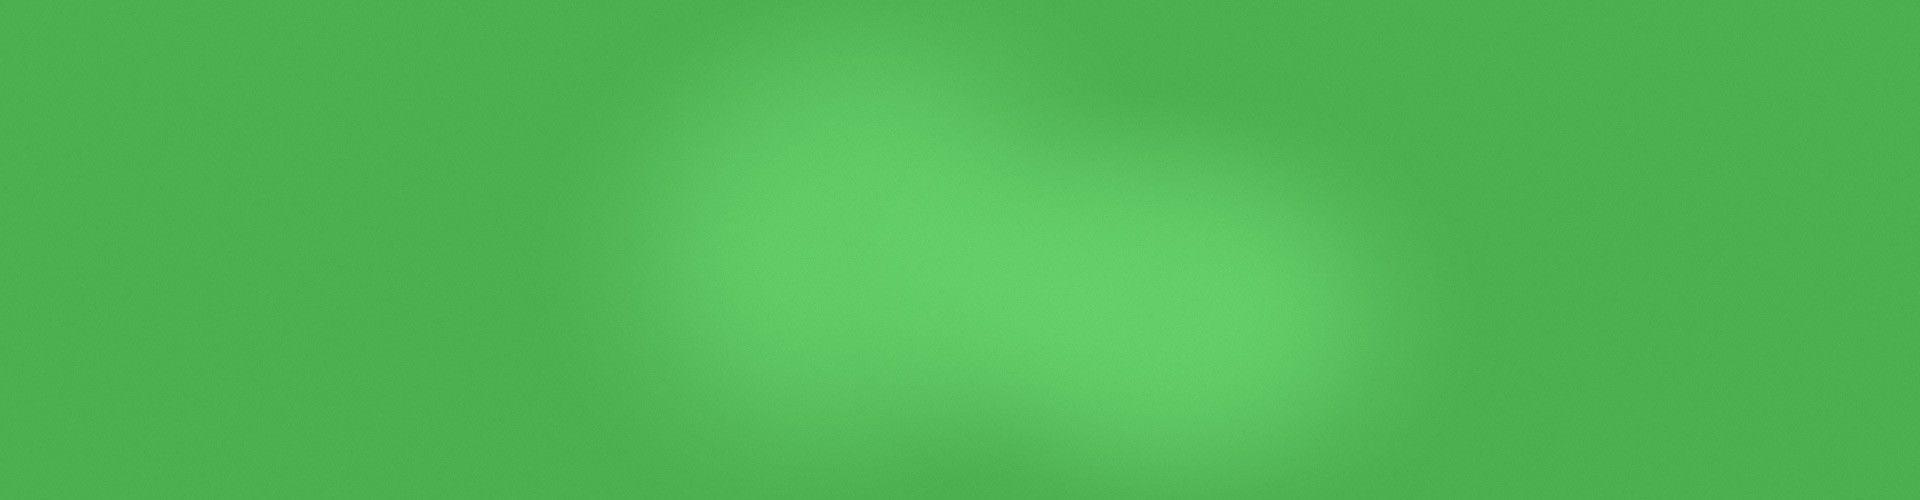 Овощной сайт «ВегаДилдос» 18+